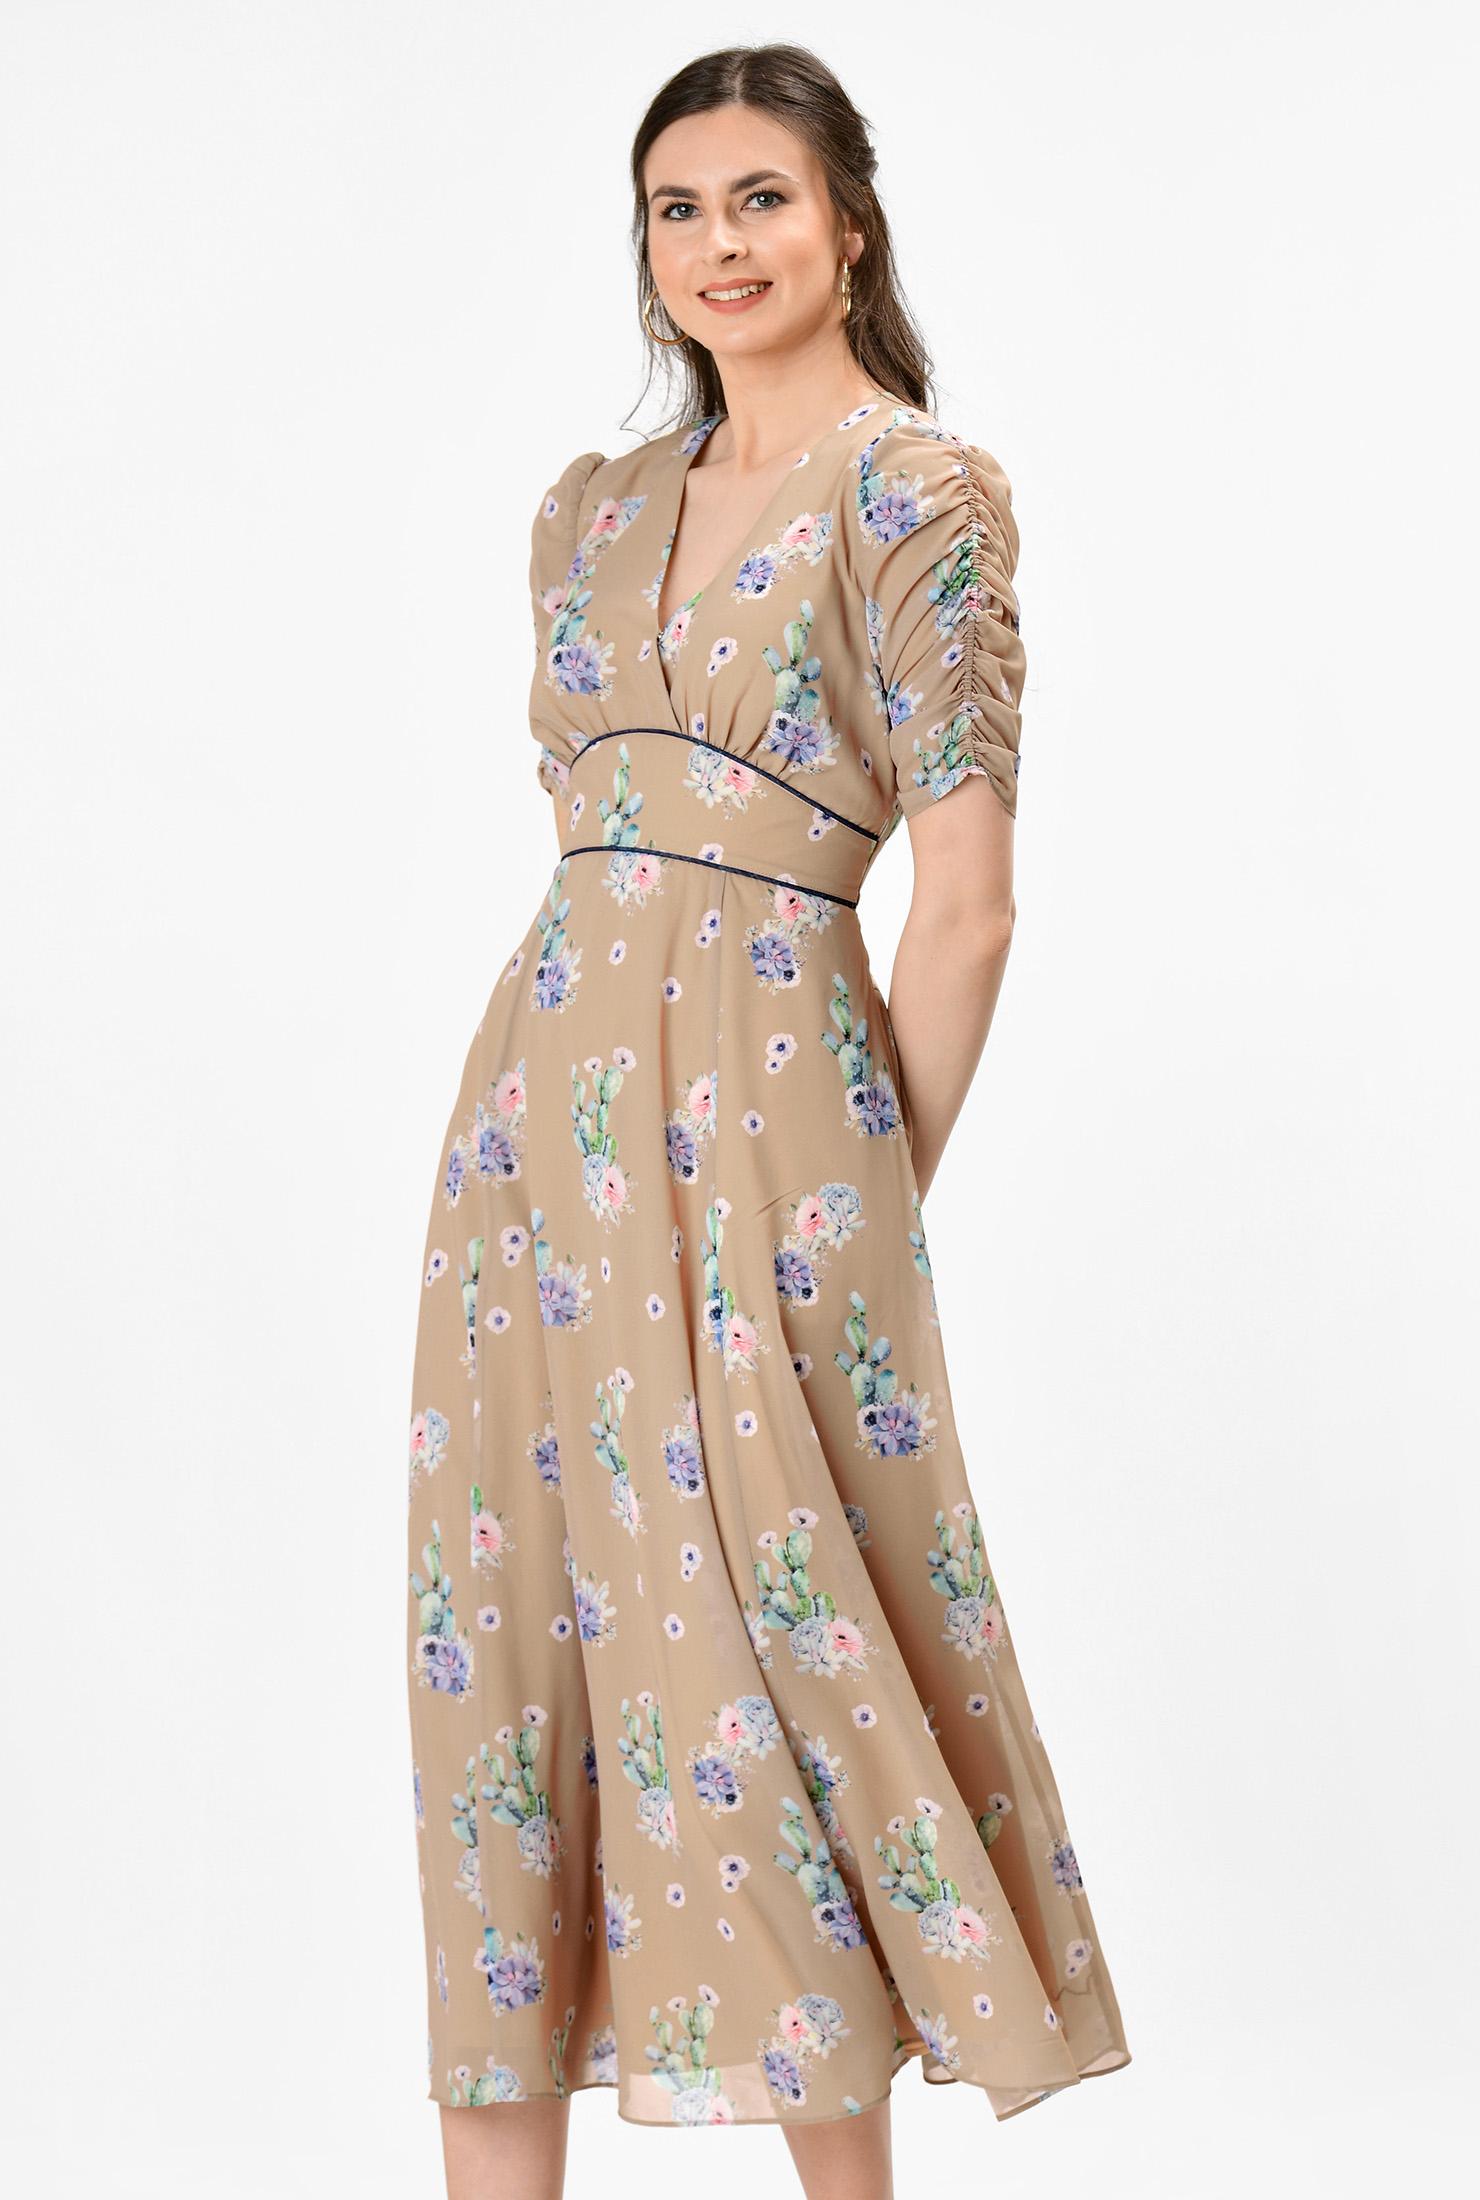 1930s Day Dresses, Afternoon Dresses History Floral print banded empire georgette dress $69.95 AT vintagedancer.com